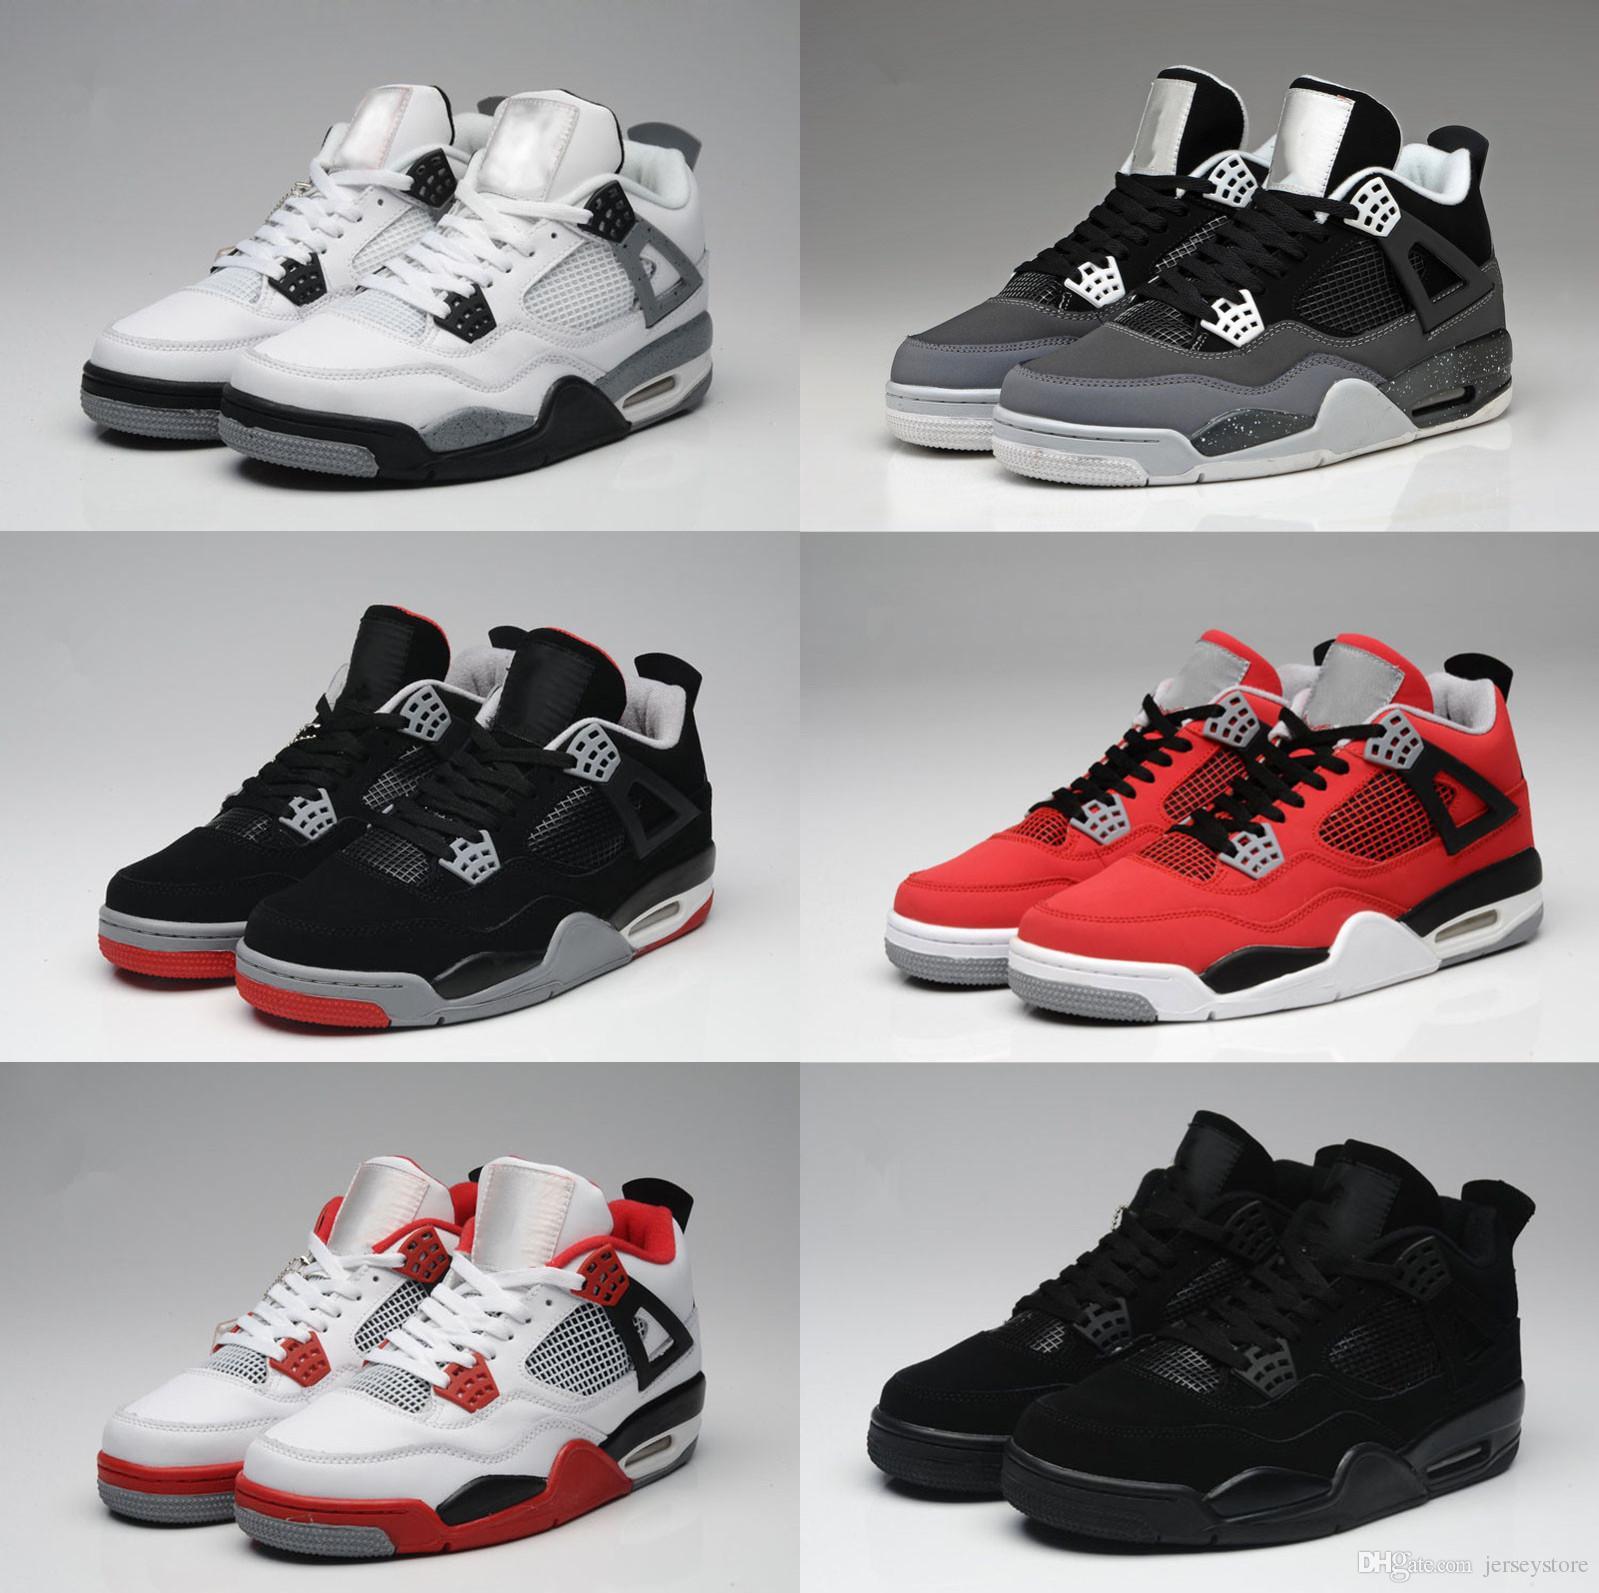 1e7fd80dddcfd5 Cheap New 4 IV DB Doernbecher Sneaker Women Men Basketball Shoes For ...